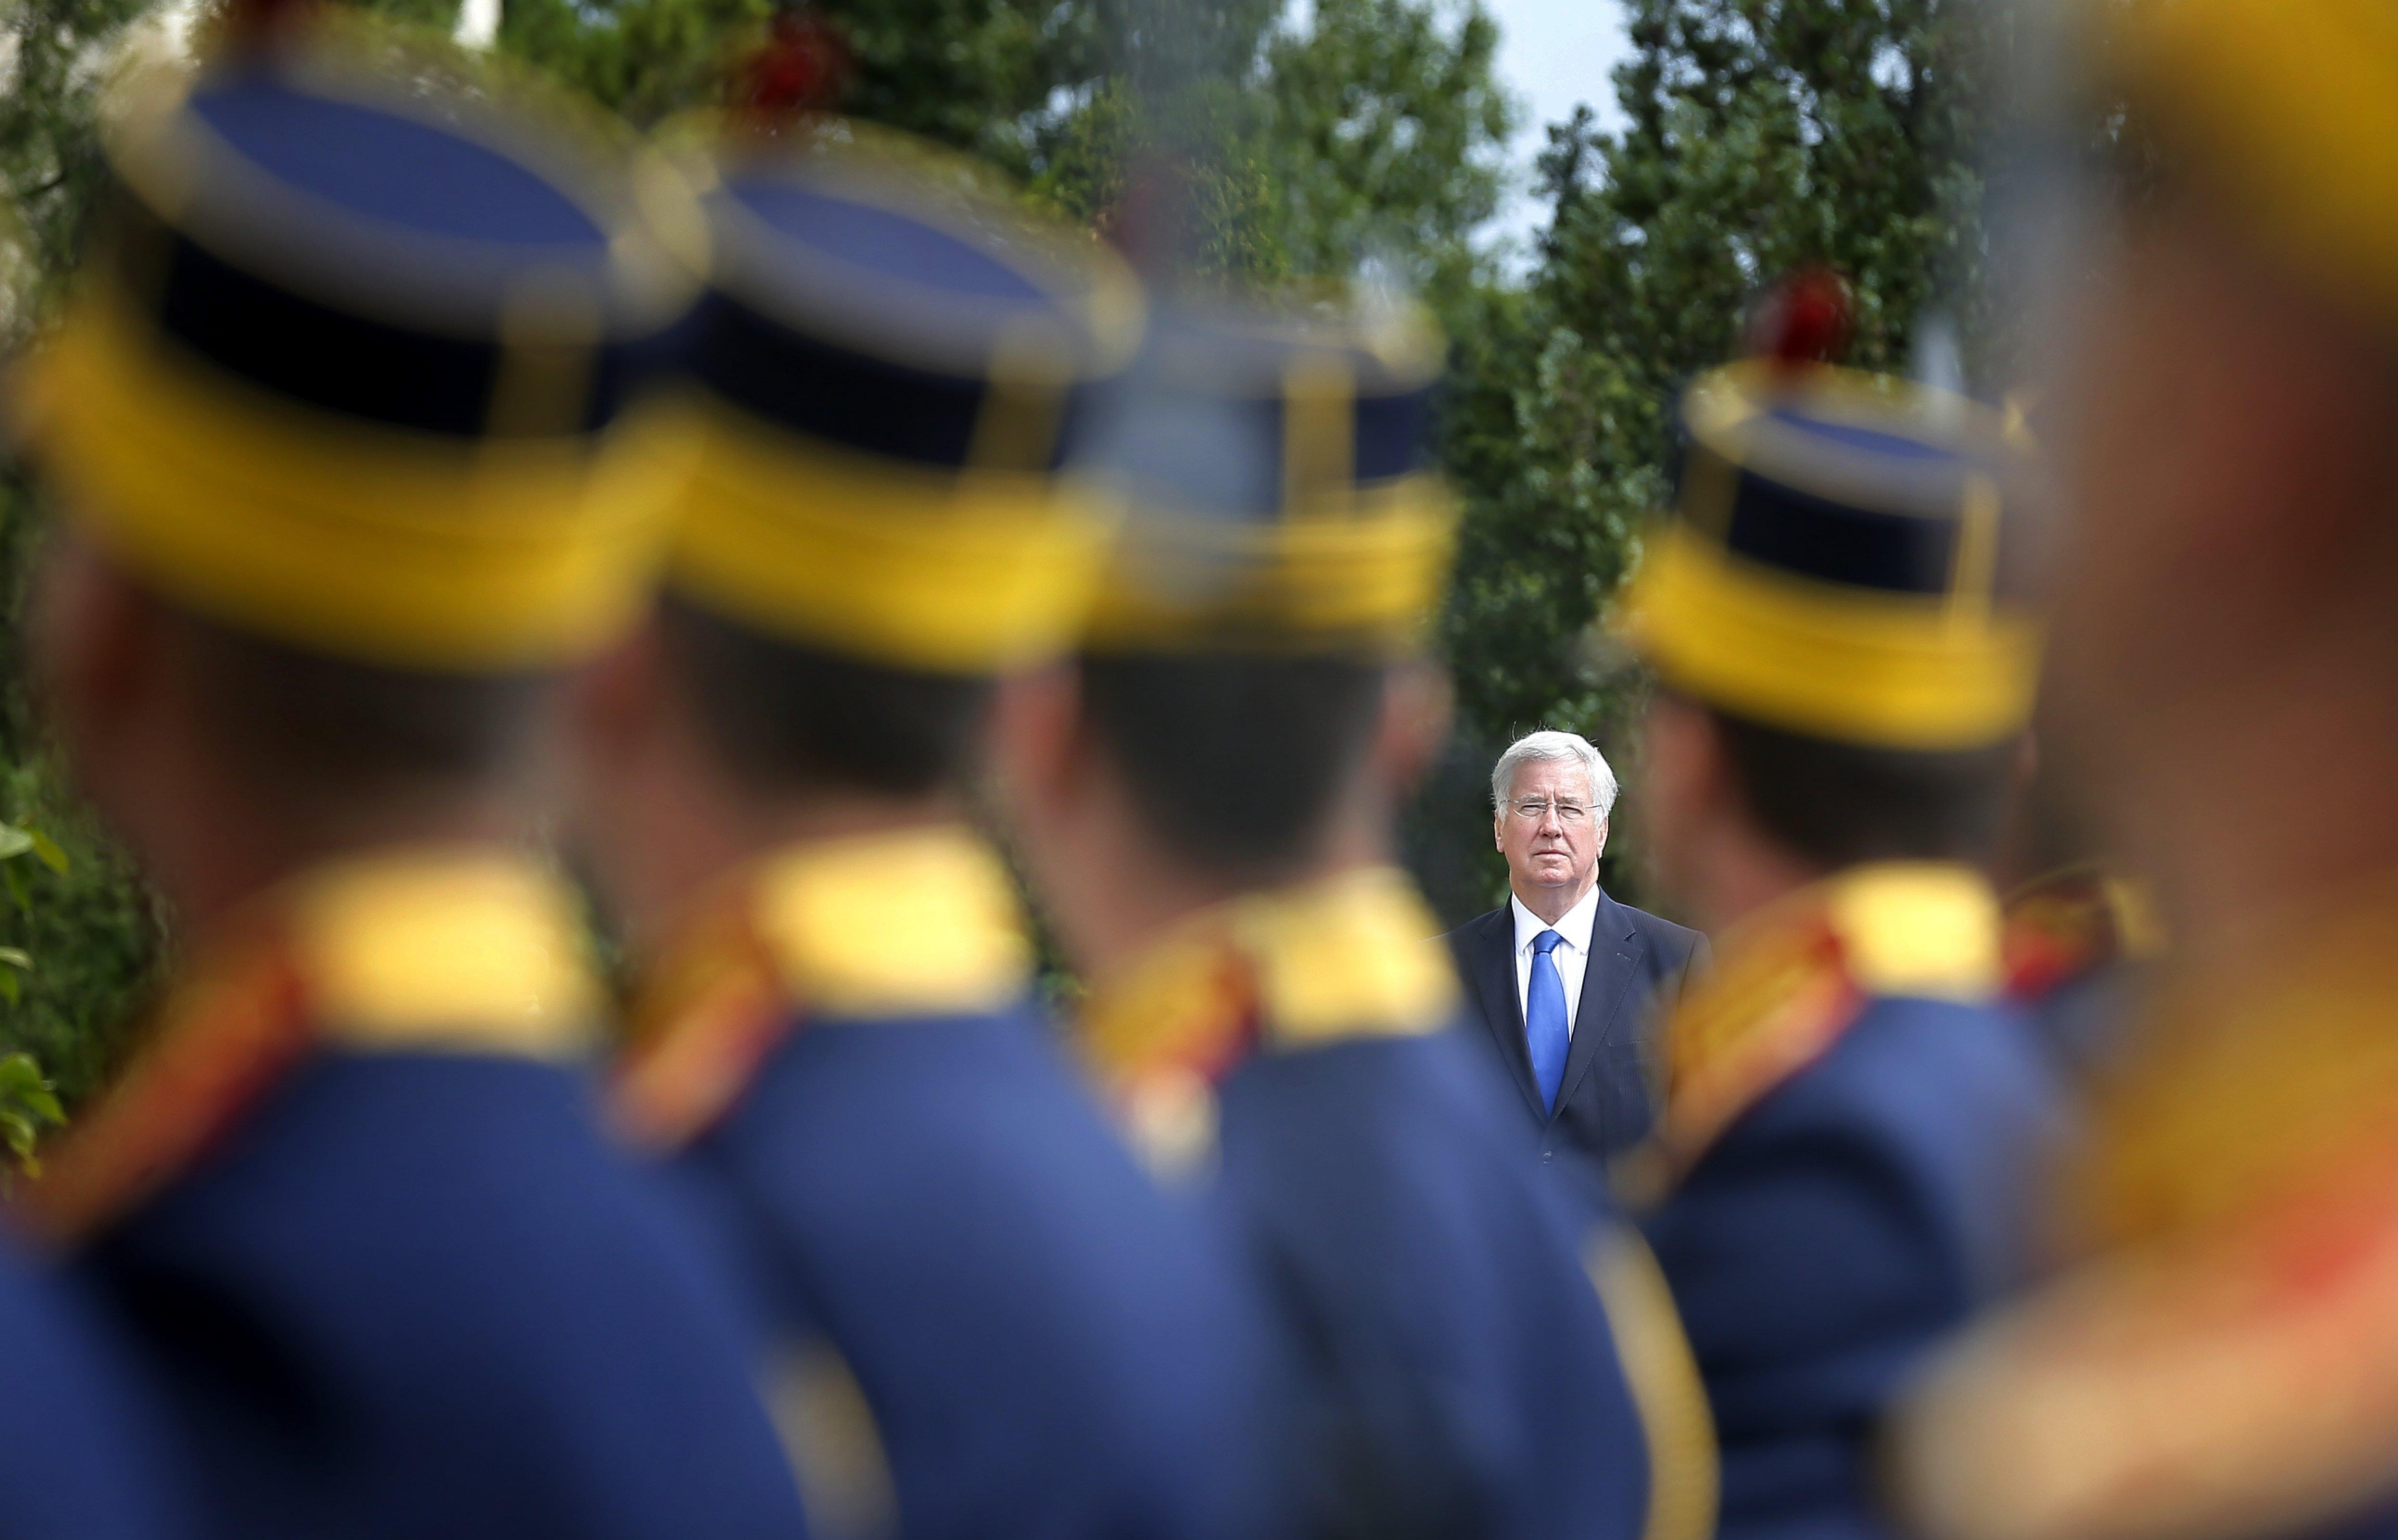 El secretari de Defensa britànic, Michael Fallon, passa revista a la guàrdia d'honor durant la cerimònia de benvinguda celebrada en el seu honor al Ministeri de Defensa a Bucarest, Romania./Robert Ghement